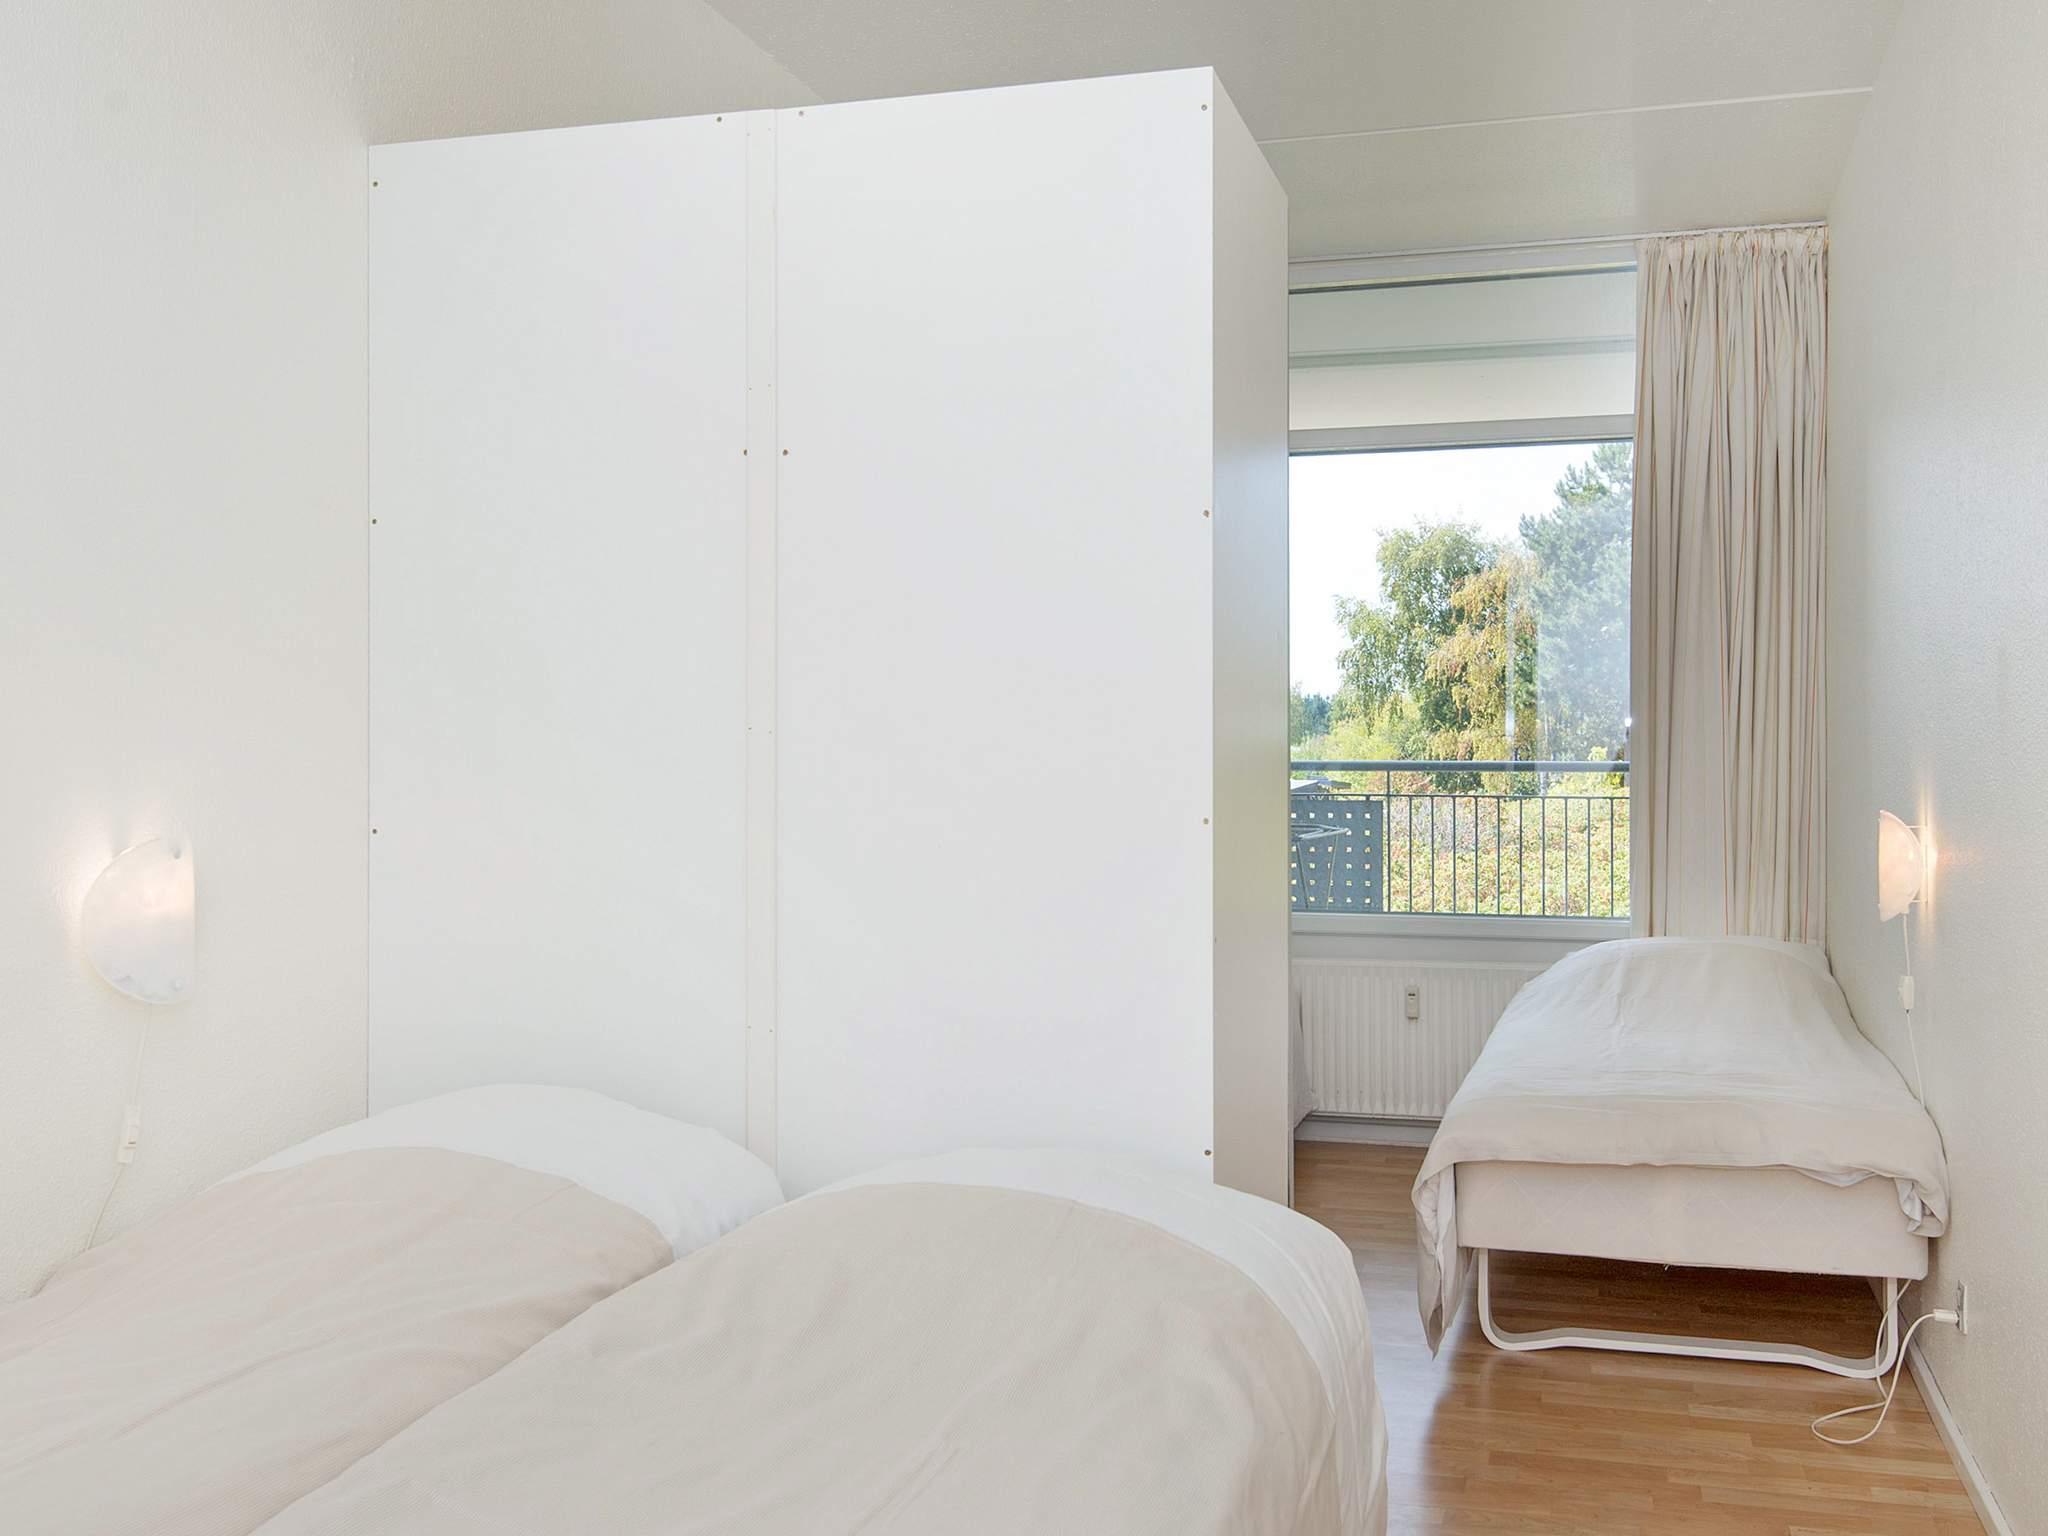 Ferienwohnung Bønnerup Strand - Typ 3 - 3 Zimmer,Erdg. oder 1.stock (1719344), Bønnerup, , Ostjütland, Dänemark, Bild 16